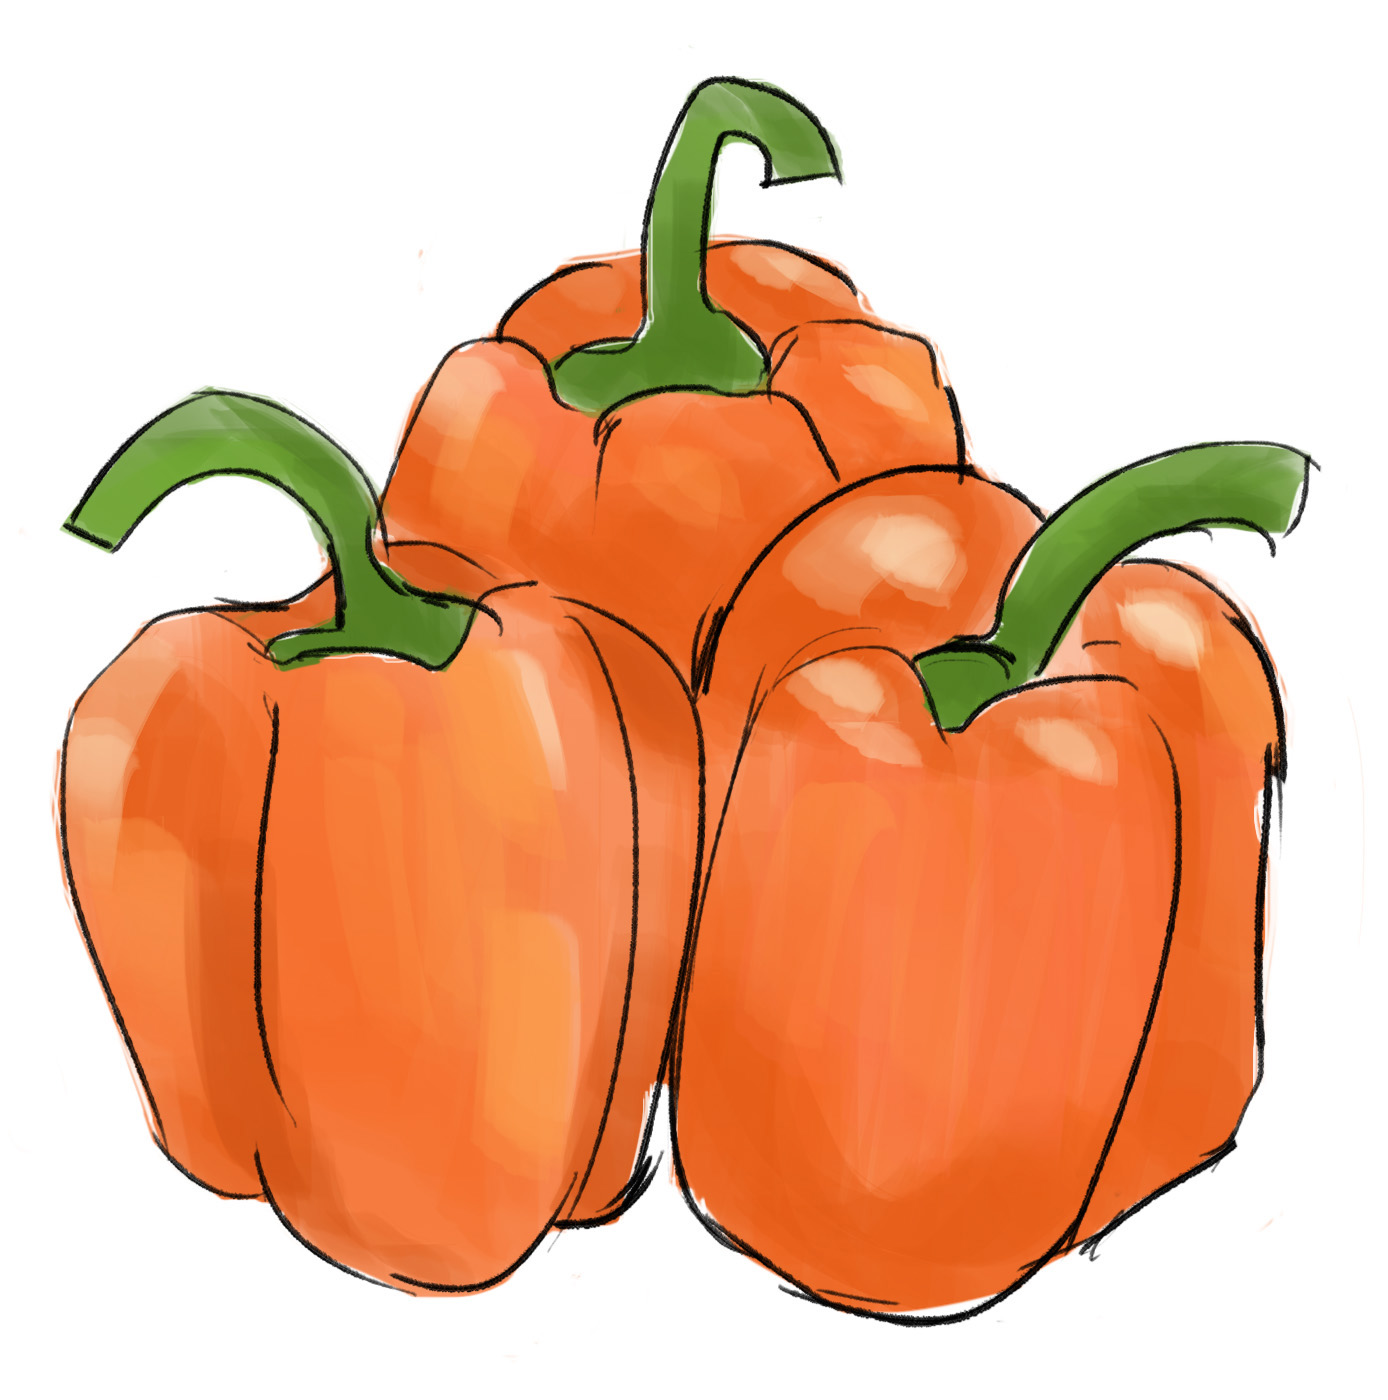 orangepepper.jpg